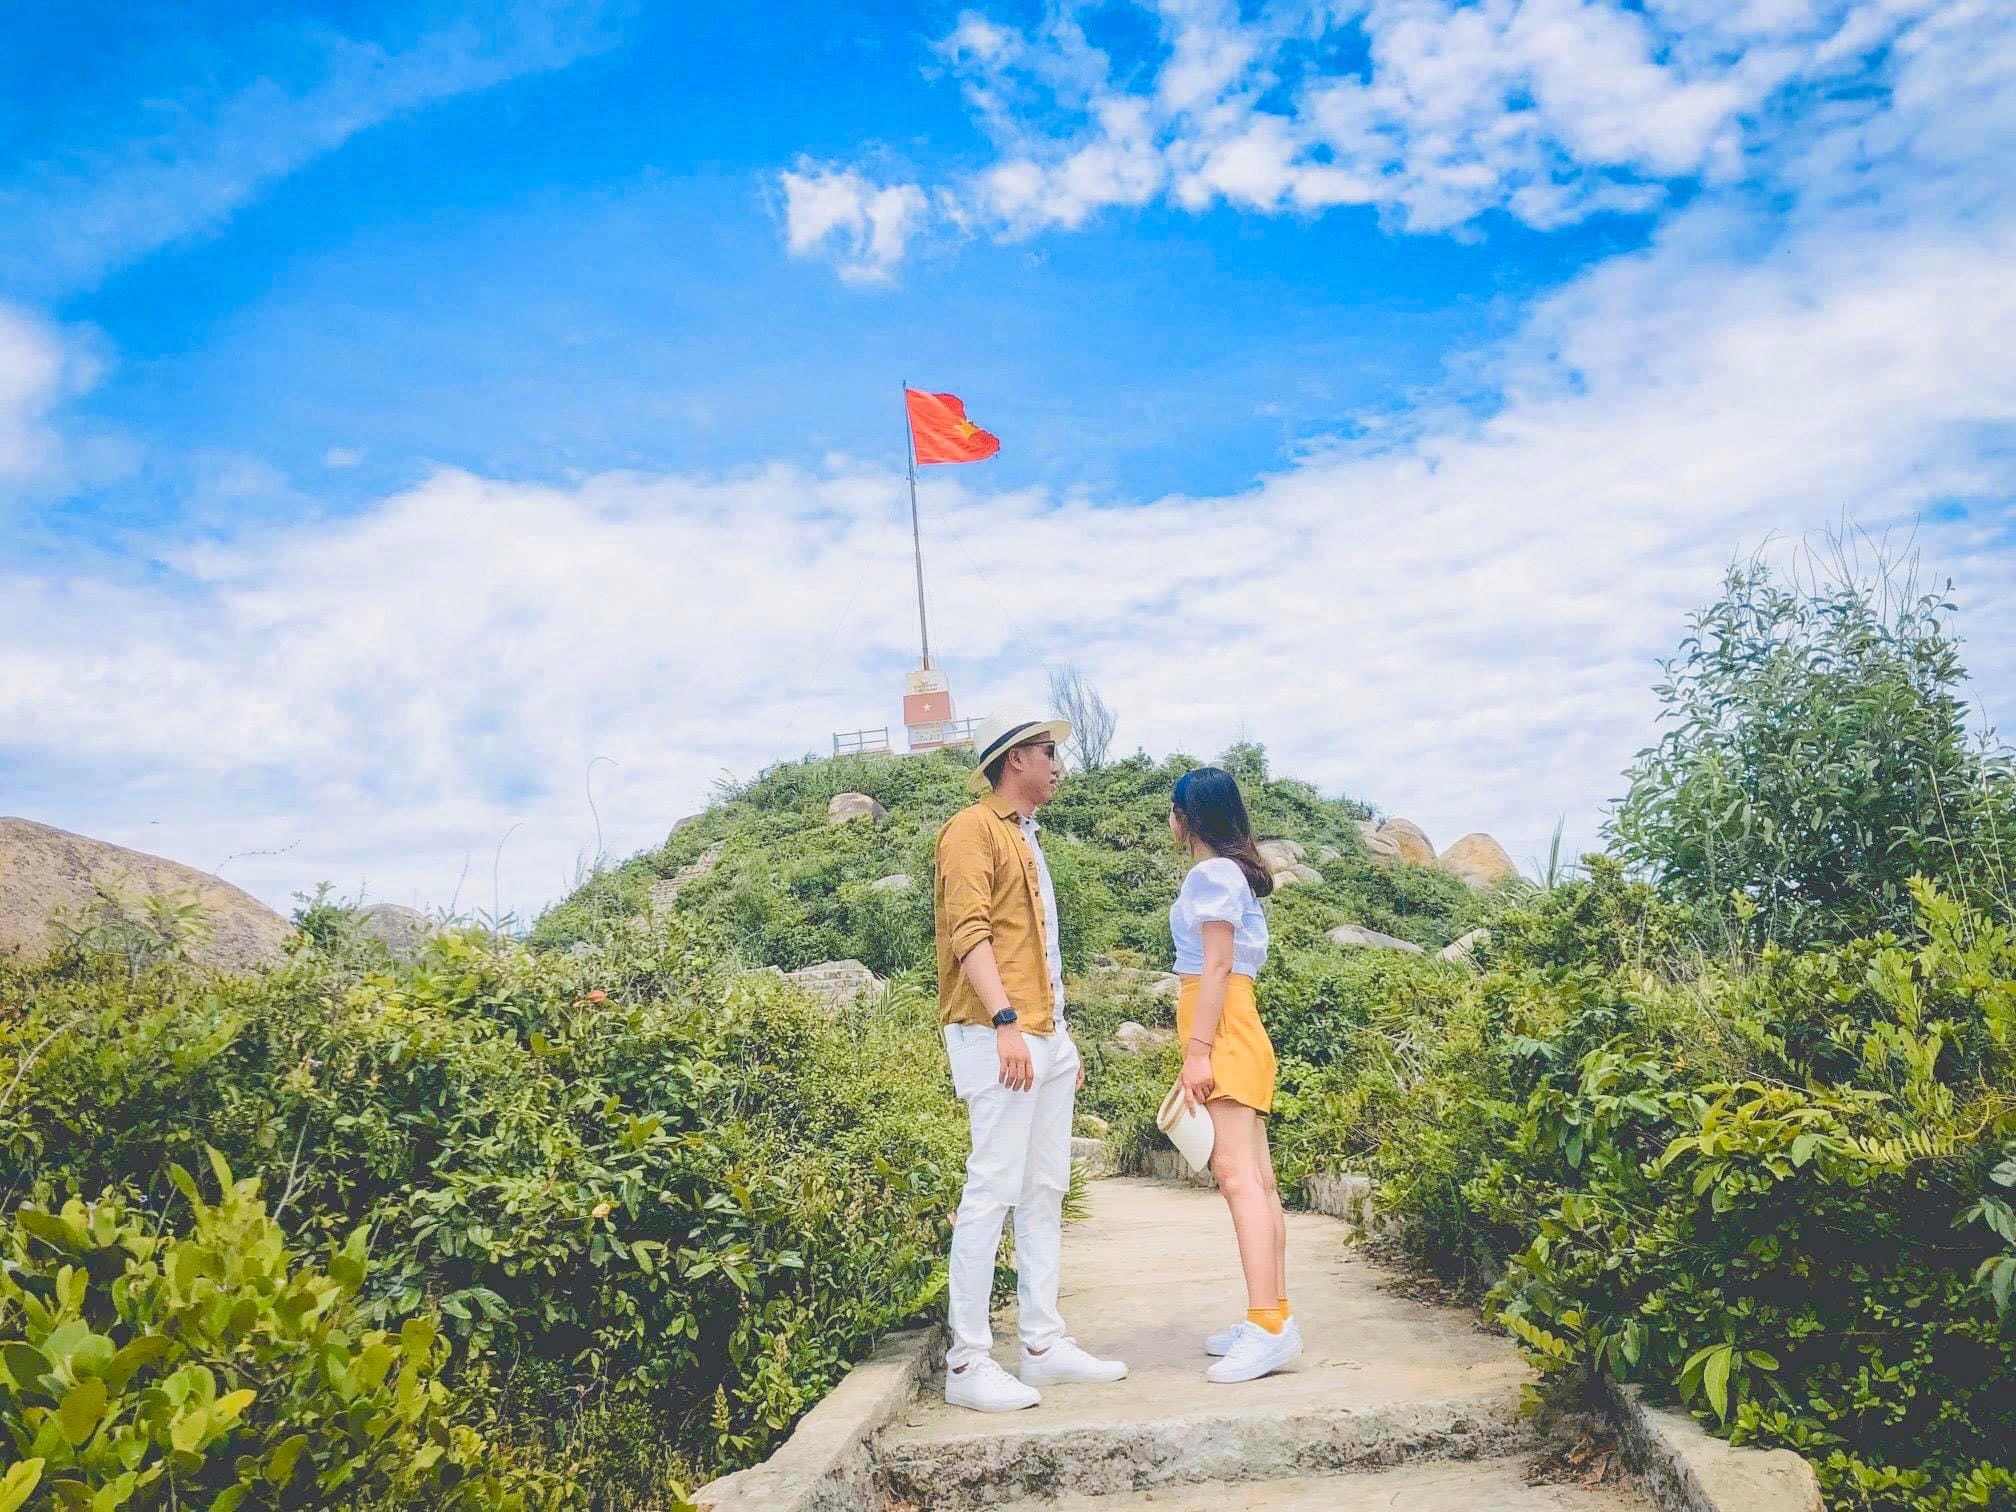 Du lịch Cù Lao Xanh Quy Nhơn - Khám phá 'đường đi nước bước' chi tiết trong mùa hè này - Ảnh 13.